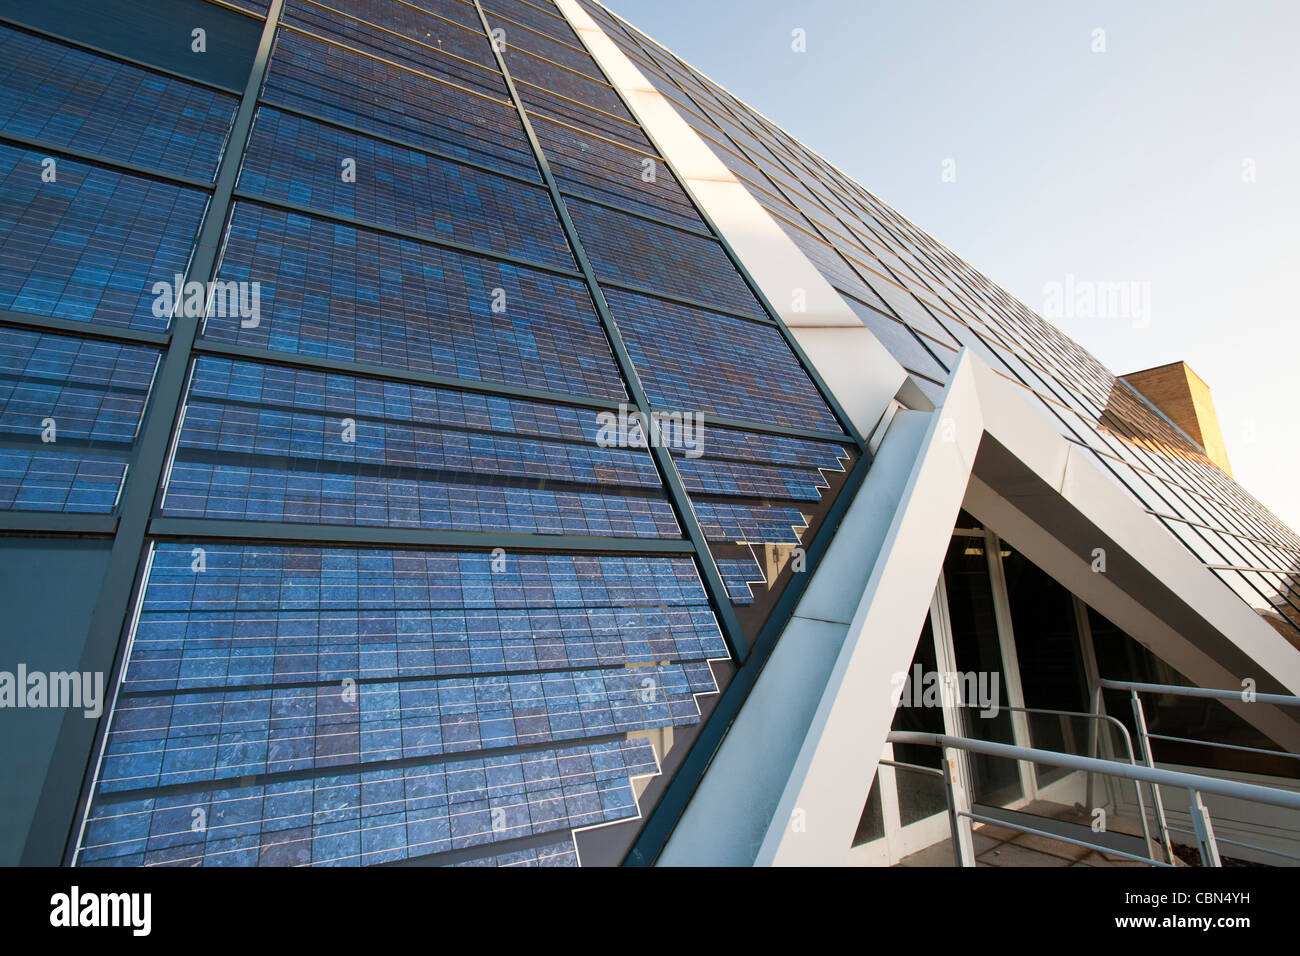 La oficina solar Doxford, en las afueras de Sunderland. Imagen De Stock